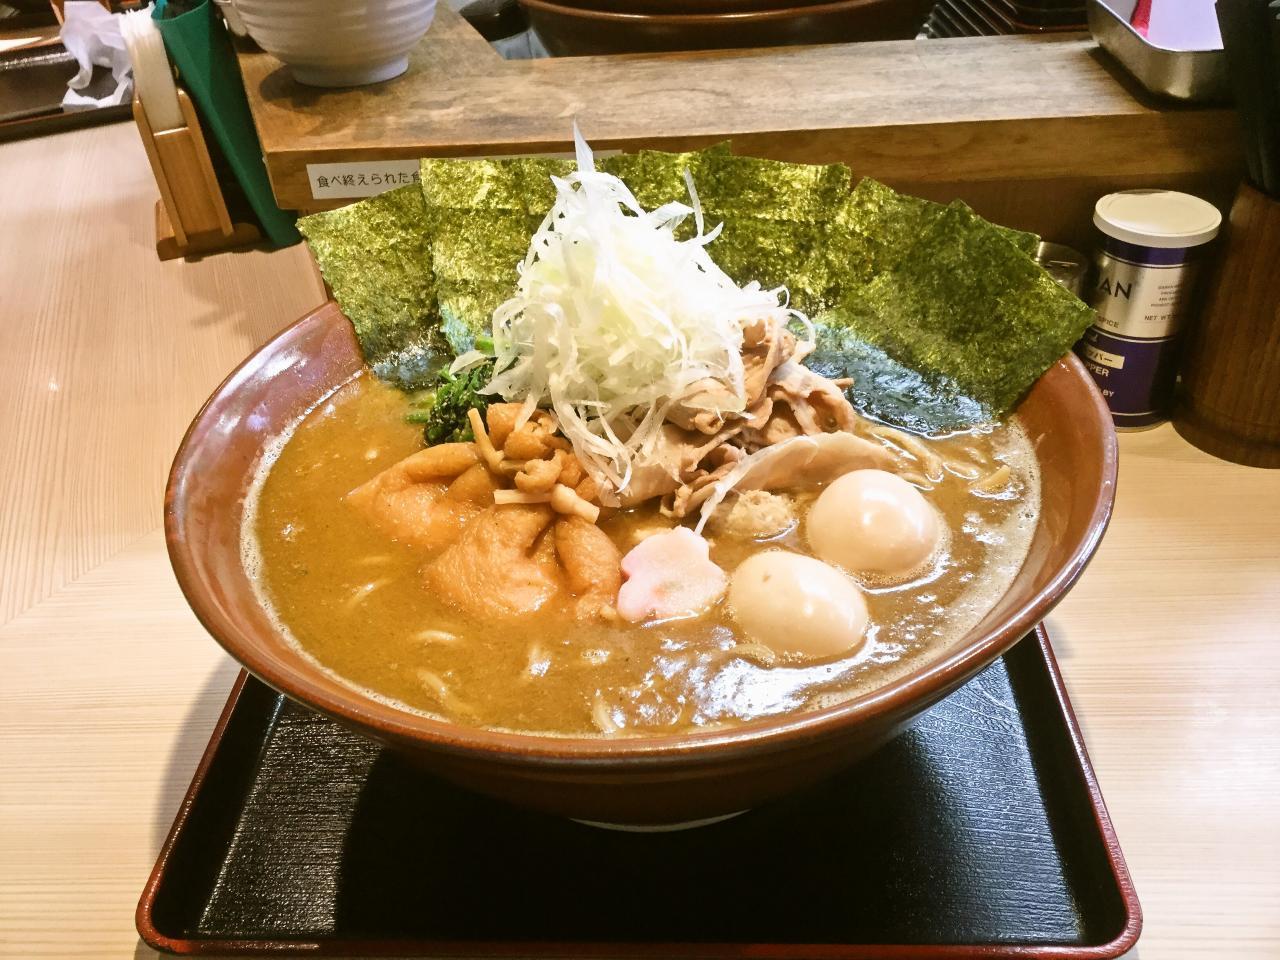 らー麺土俵 鶴嶺峰(らー麺)